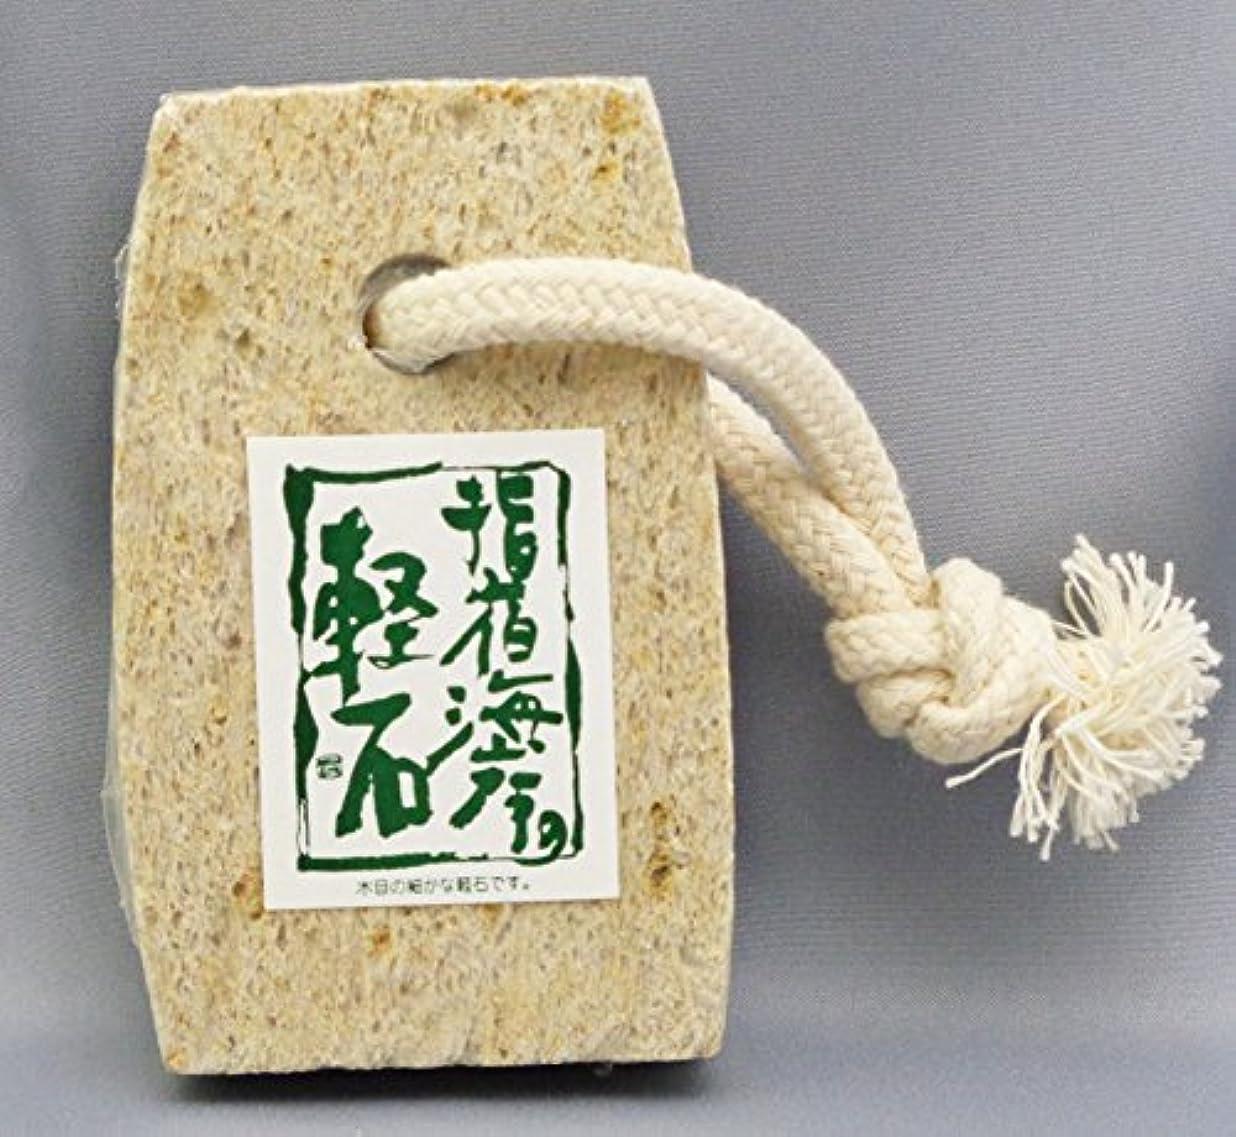 事前最初急降下シオザキ No.3 中判軽石 (ヒモ付き)指宿の軽石